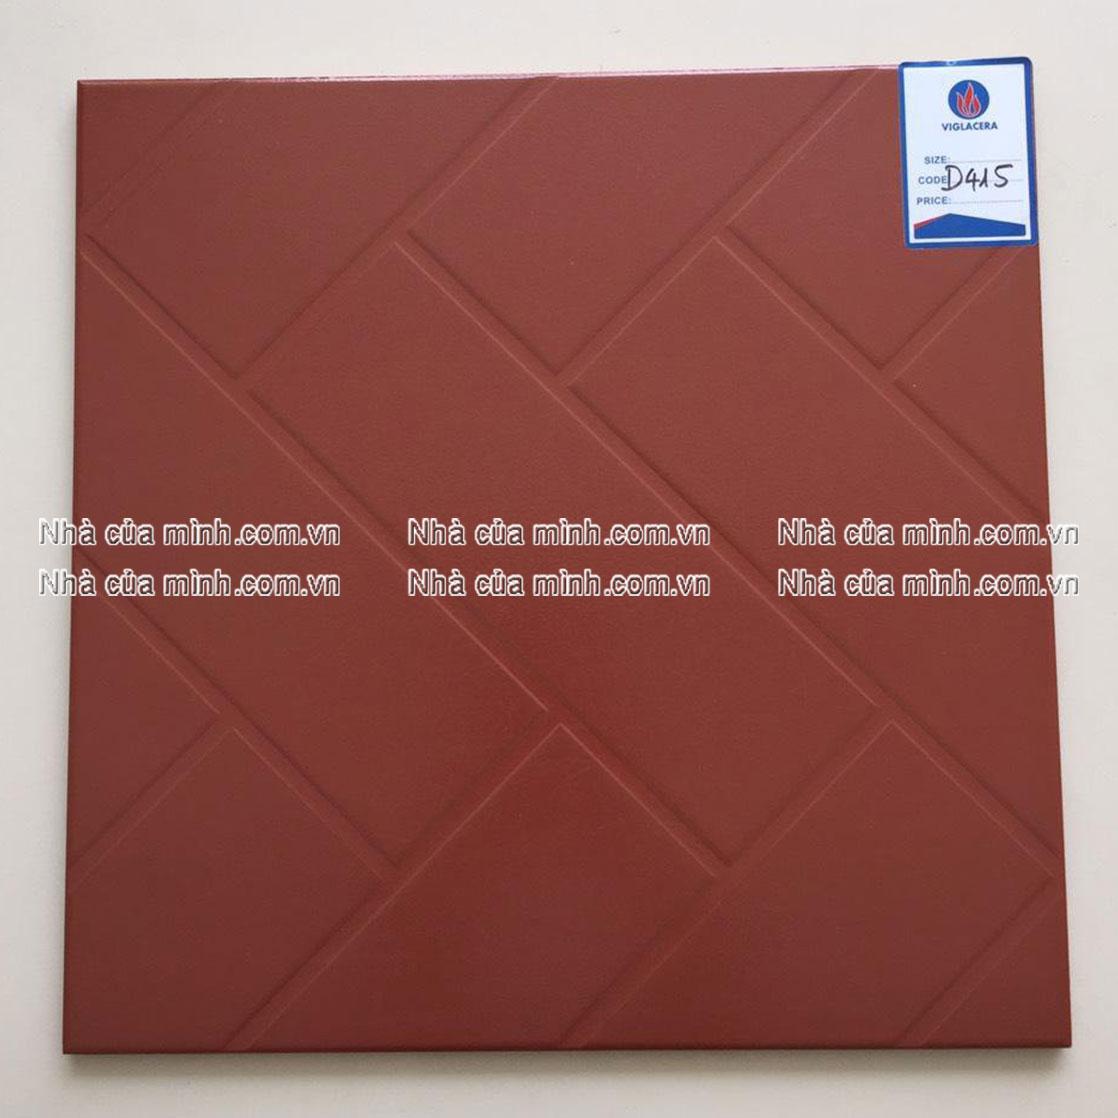 Gạch cotto Viglacera 400x400 D415 giá rẻ